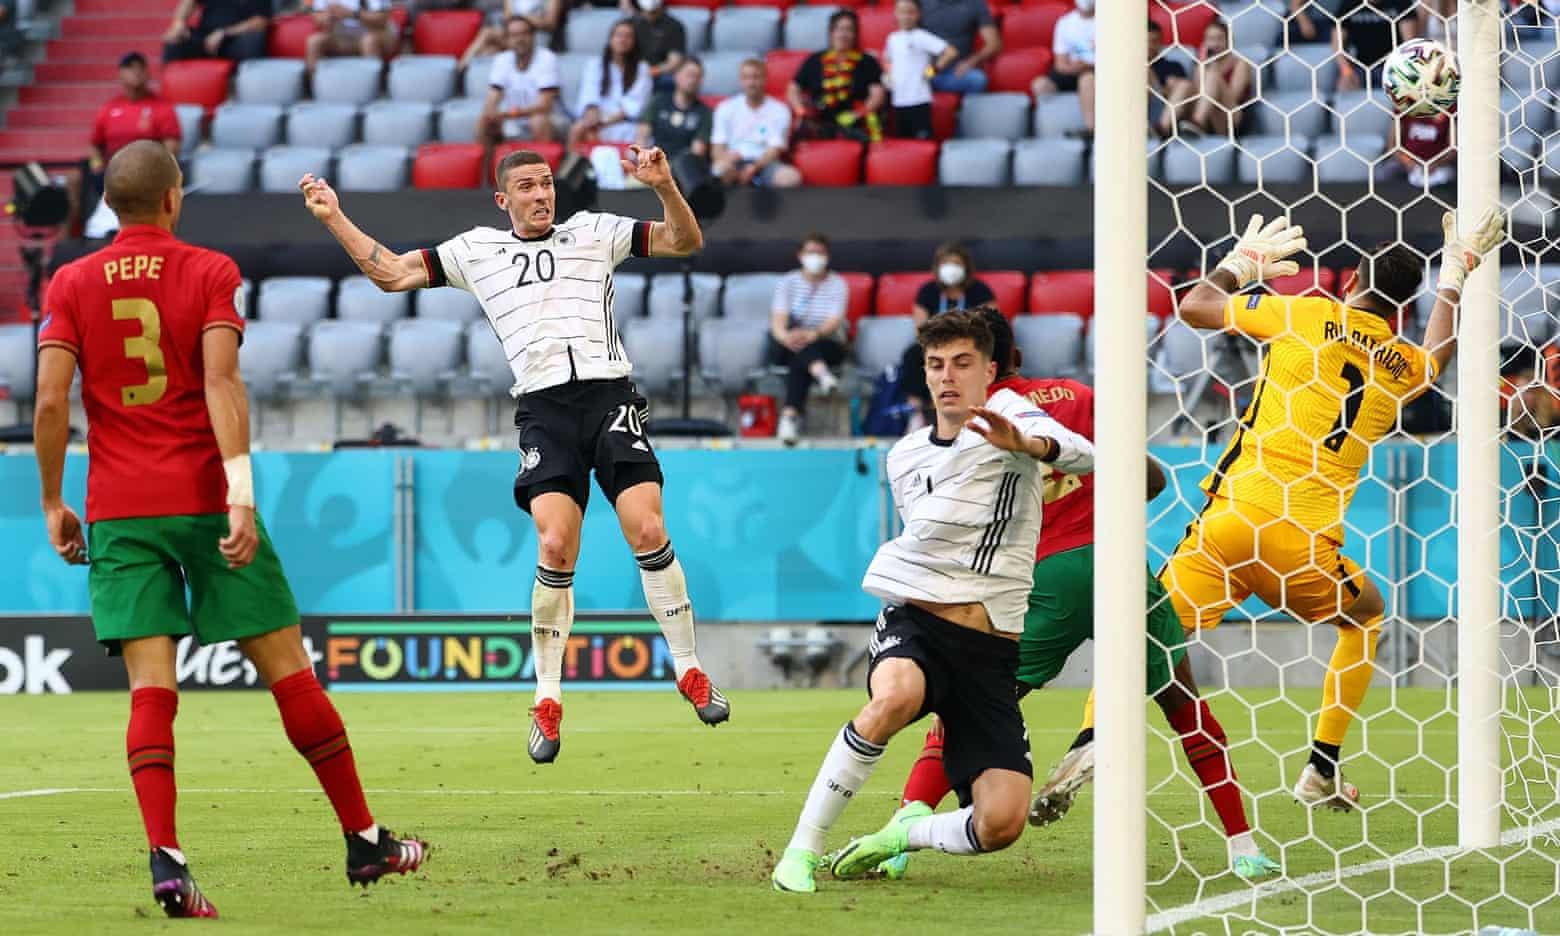 Sayap kanan yang dipegang Semedo menjadi pembatas utama Portugal di laga ini, secara tidak langsung membantu winger kiri Jerman - Robin Gosens (No. 20) bersinar.  Foto: Reuters